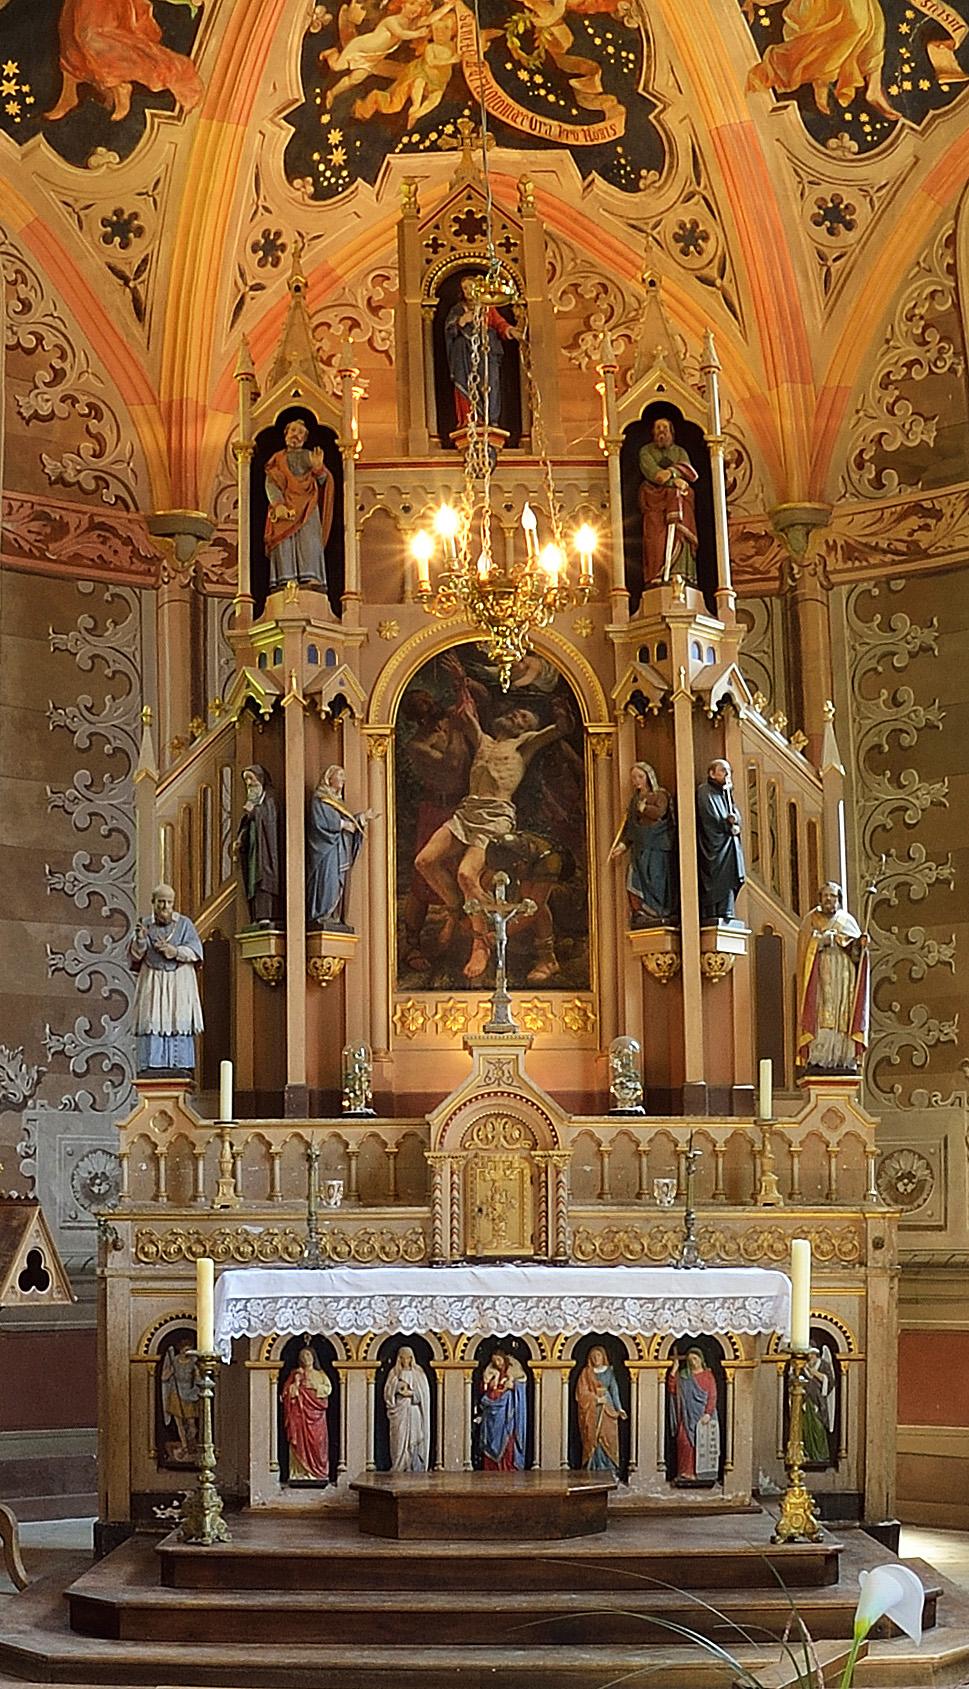 Image accueil de la page Recrutement gardiennage de l'église du site Montsapey